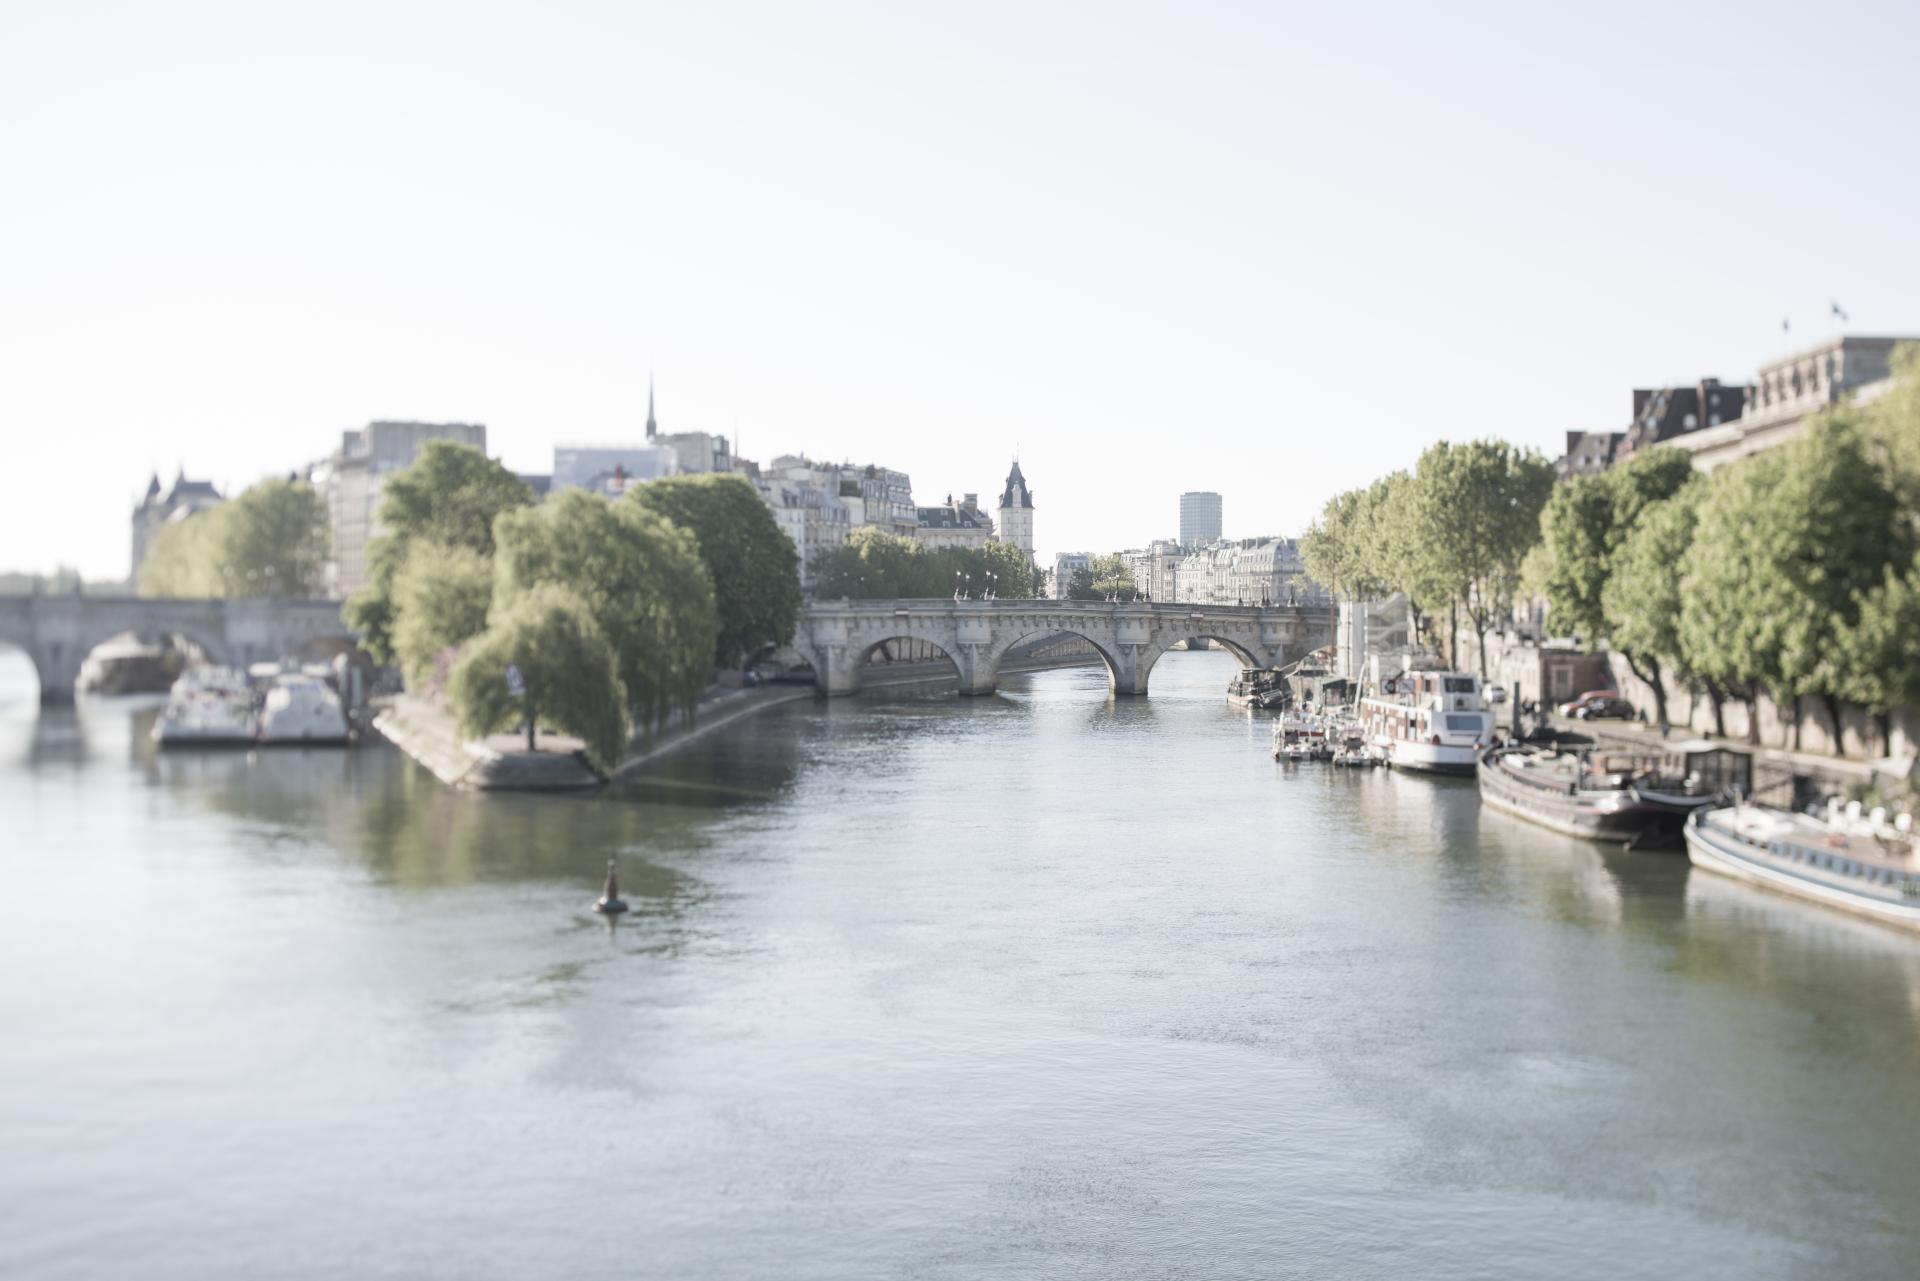 The beautiful Ile de la Cité is just a few minutes away in the vivarais vacation rental by Paris Perfect